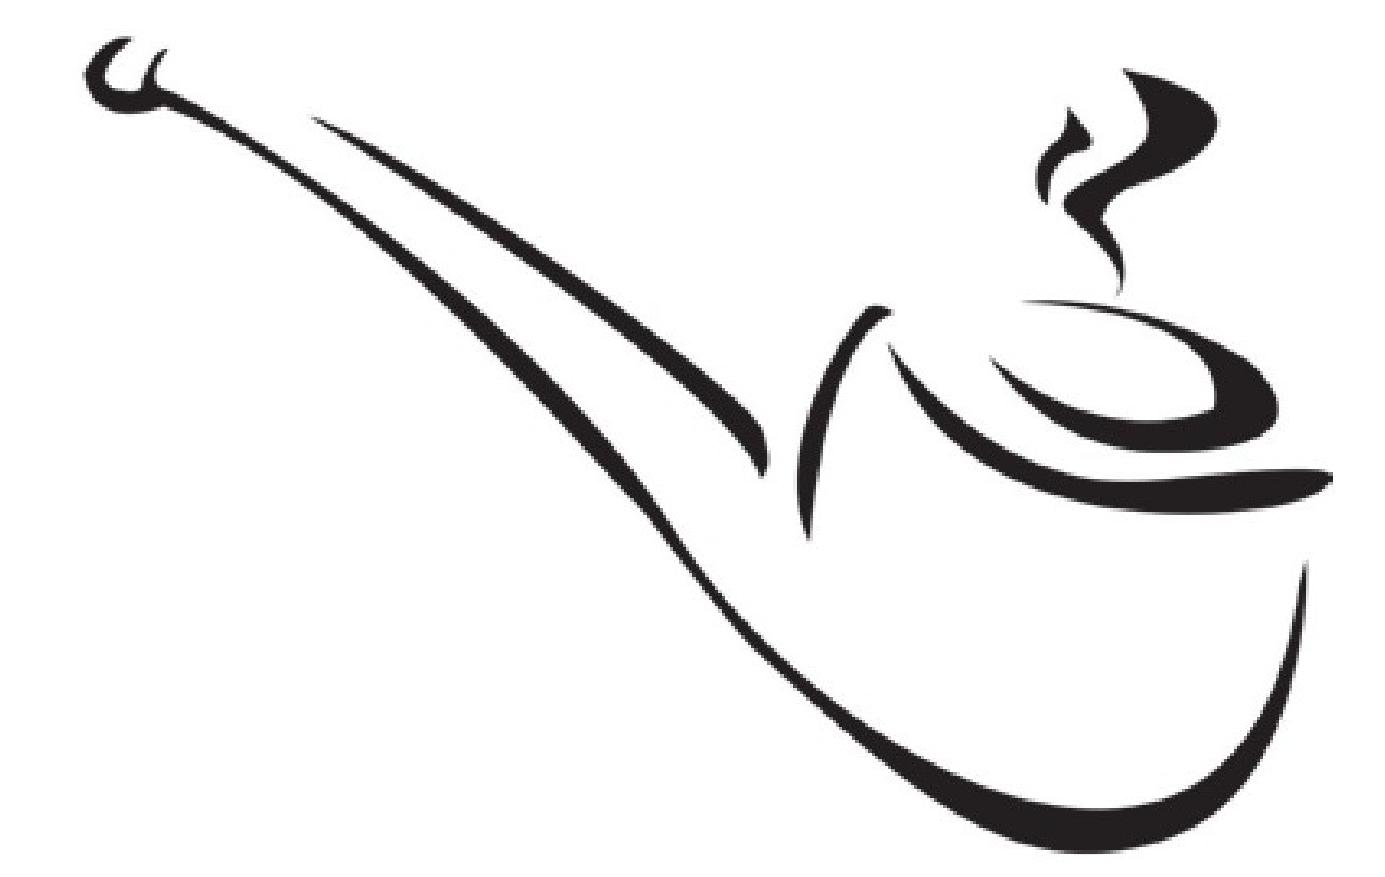 趣味生物科普知识:尼古丁——威胁人类健康的大敌插图(1)